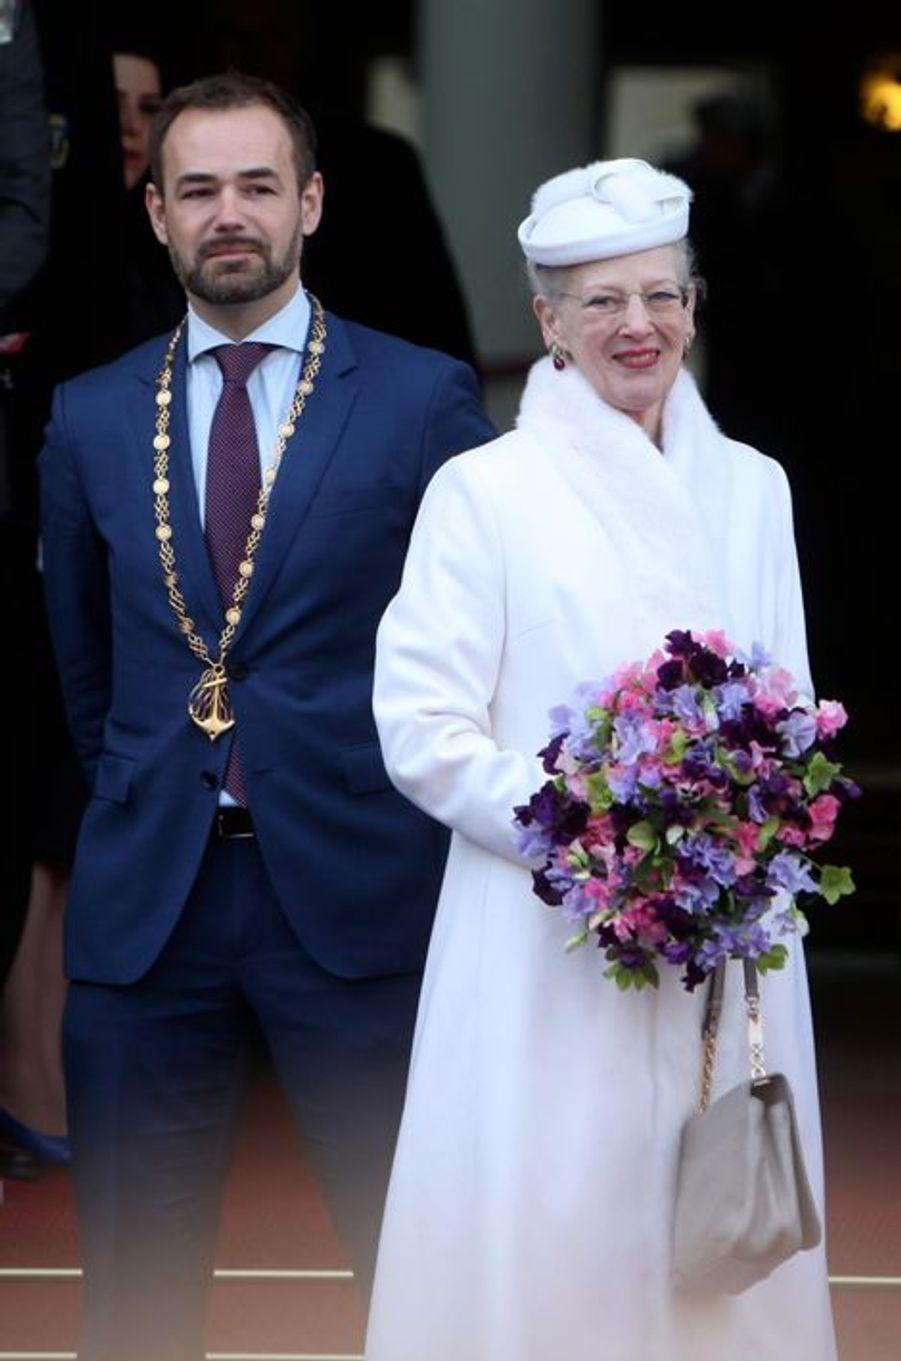 La reine Margrethe II de Danemark avec le maire d'Aarhus, le 8 avril 2015